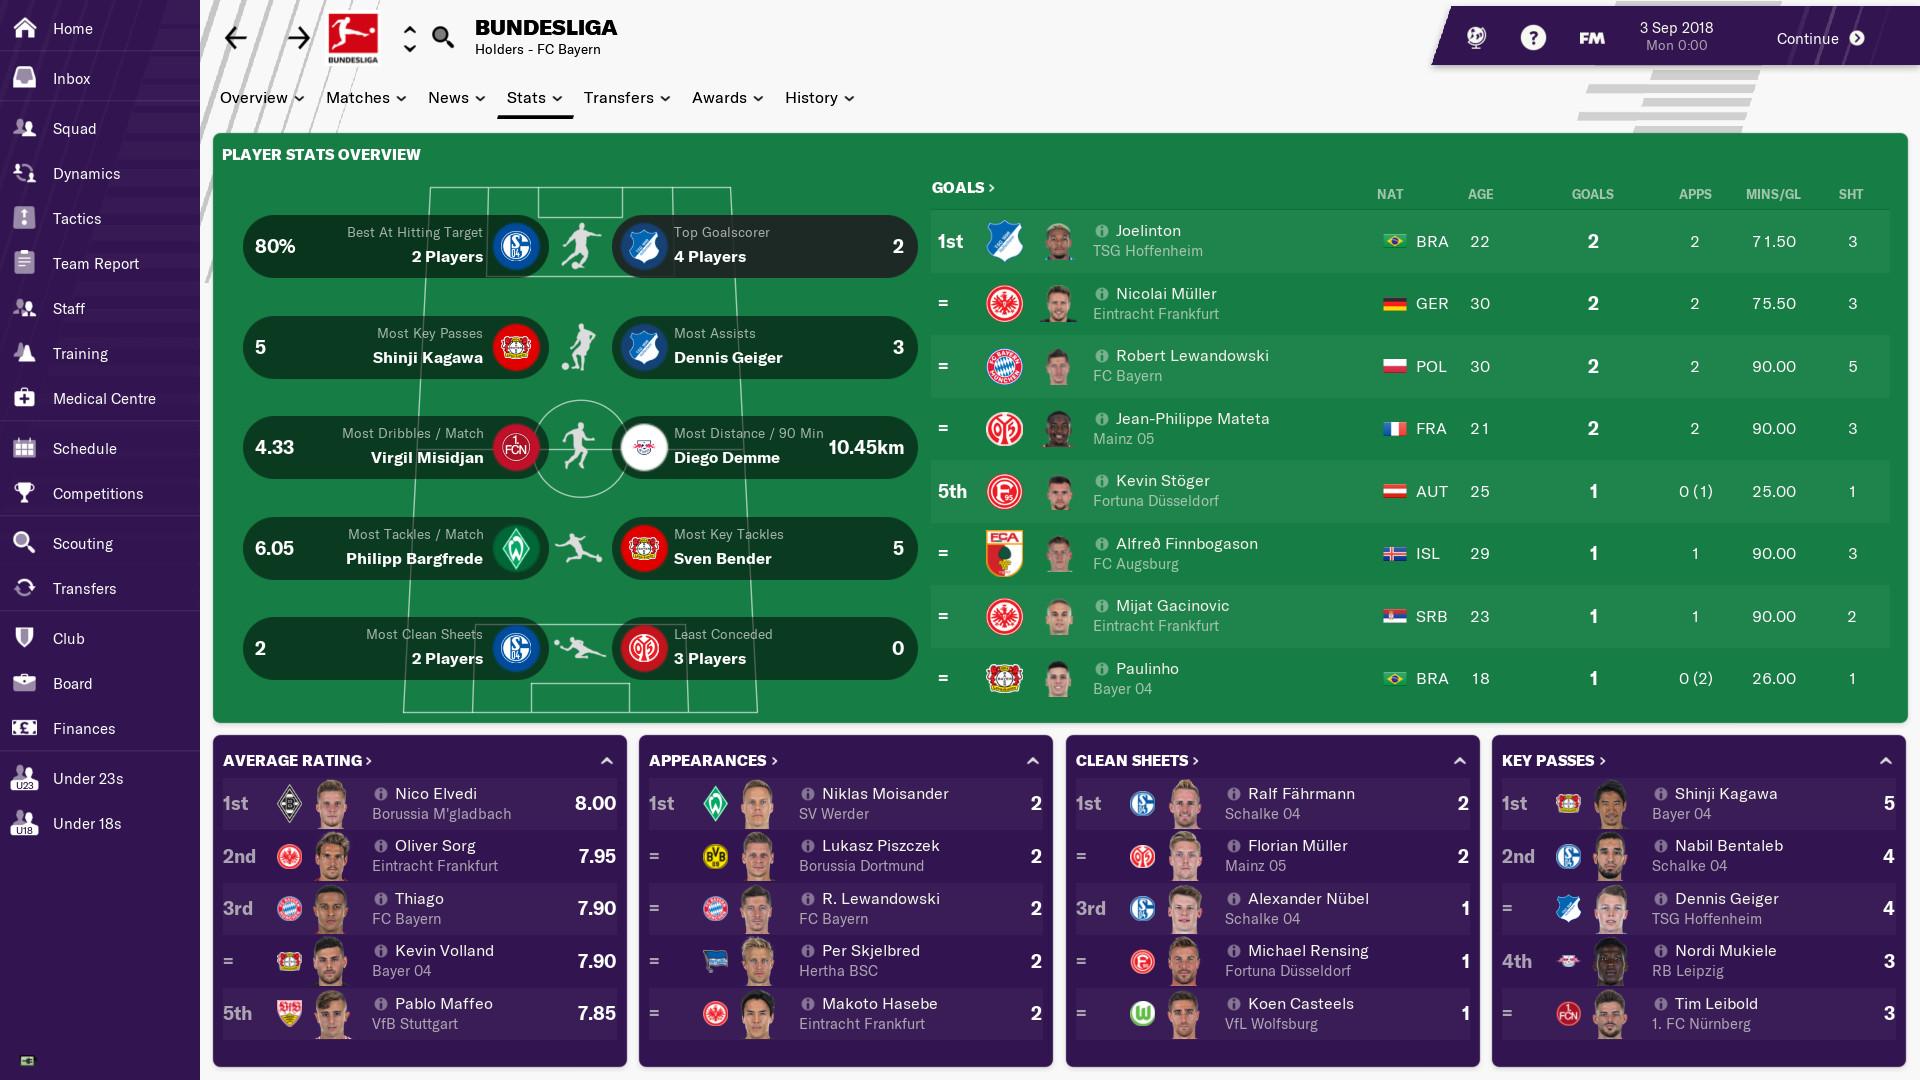 Bundesliga fc bayern players